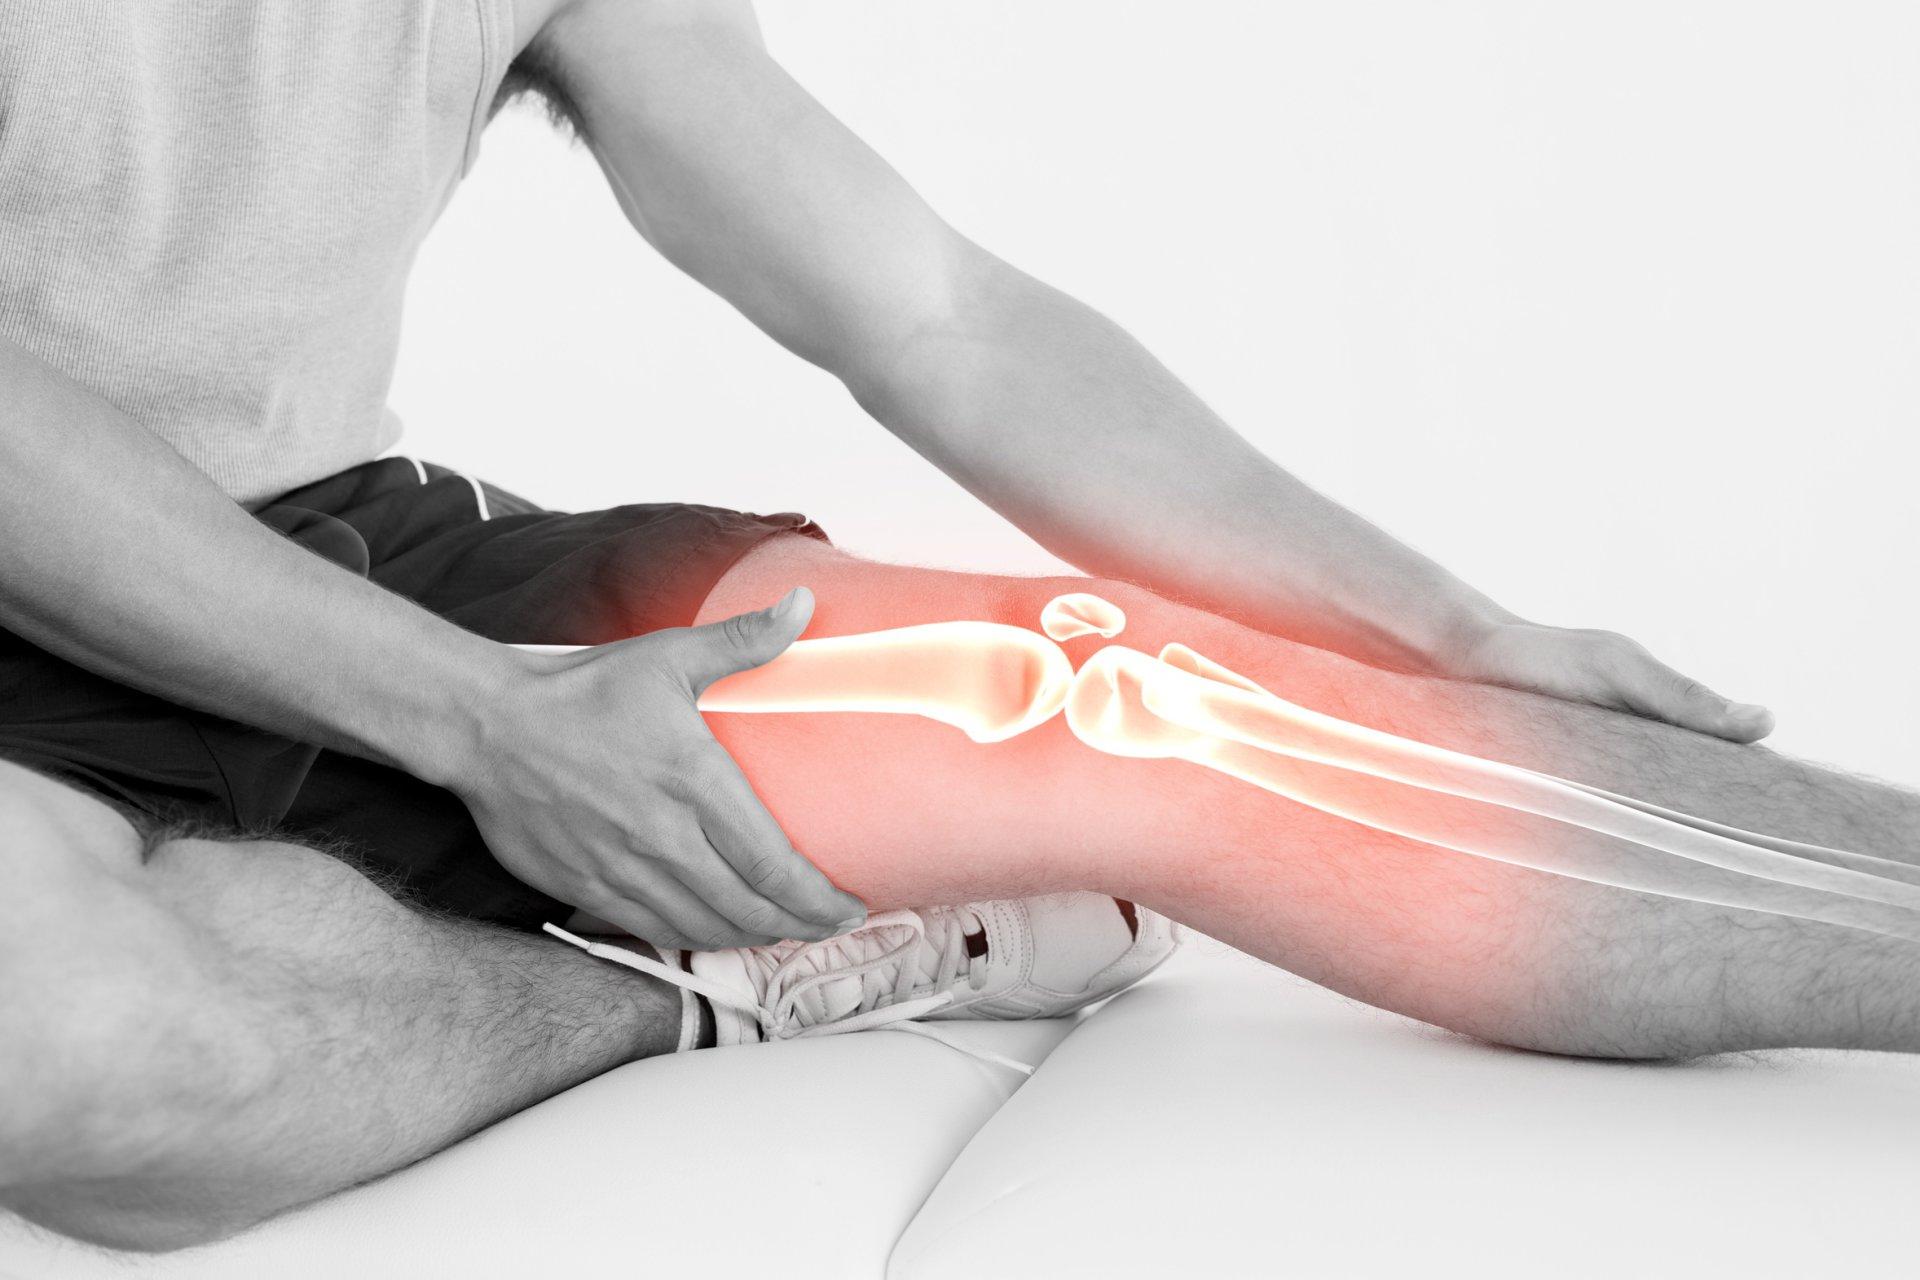 bendra įvairūs silpnumas skausmas raumenyse sustaines ką daryti jei sąnariai skauda po tempimo